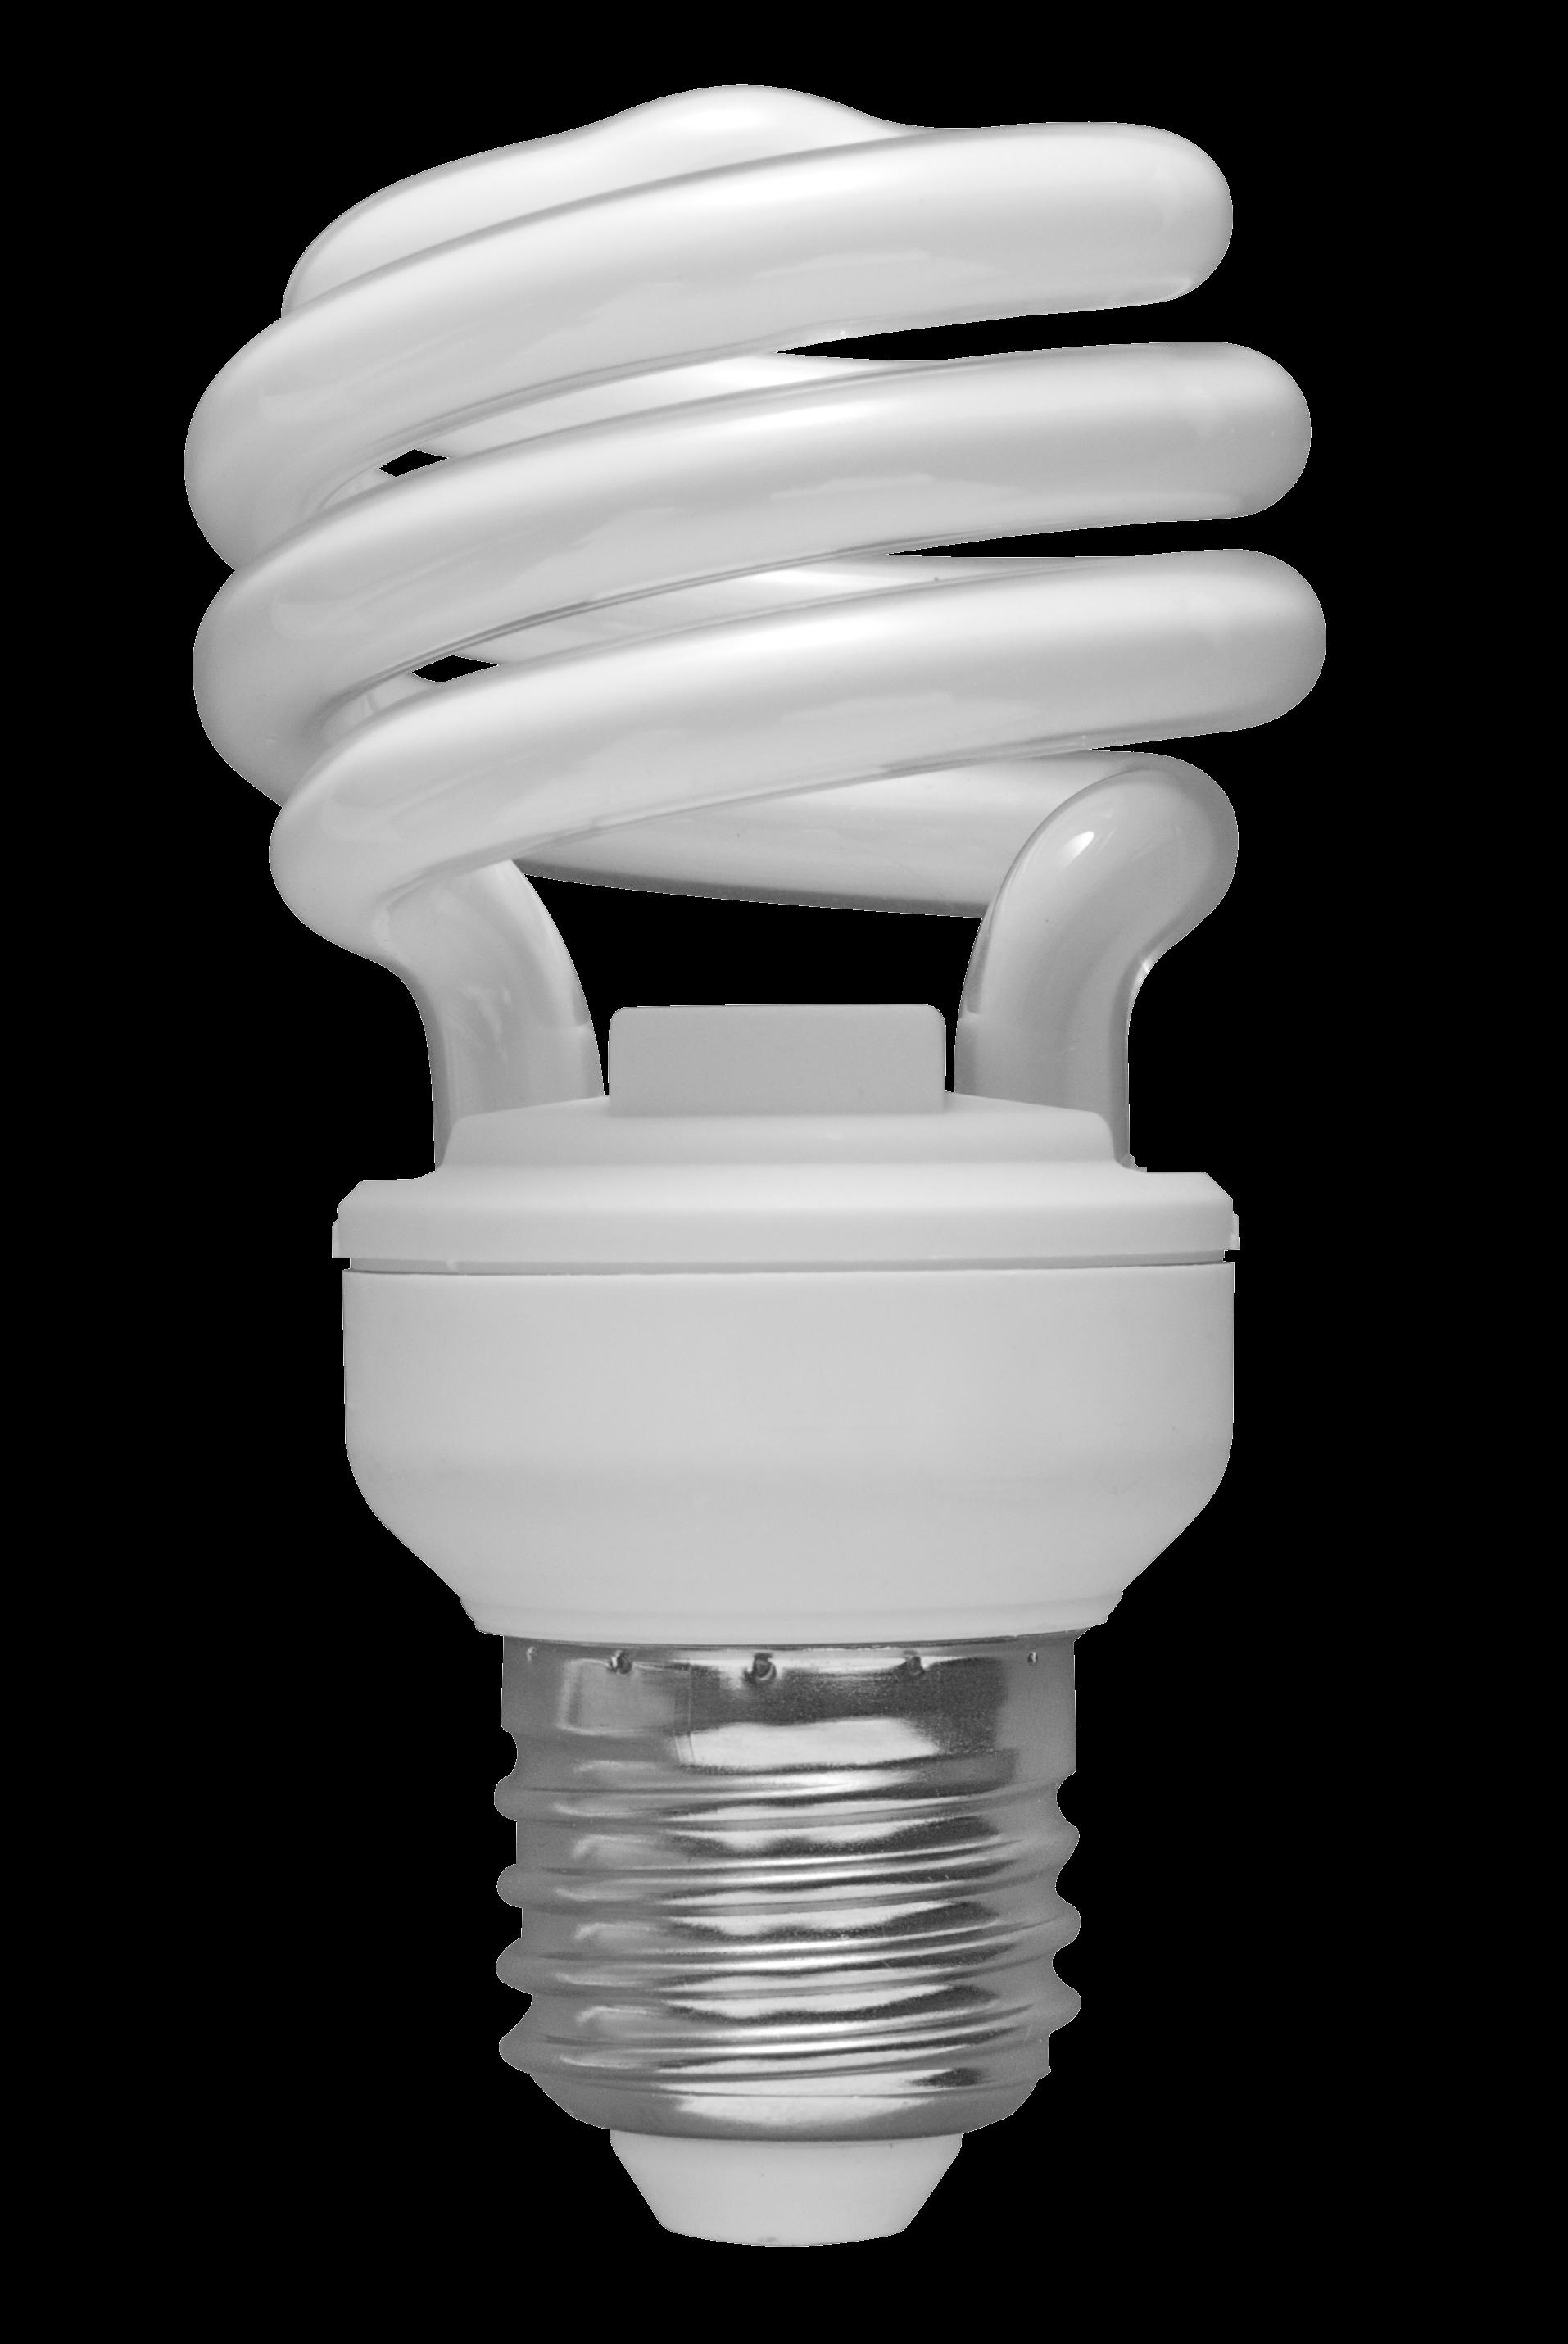 white day light bulb PNG imag